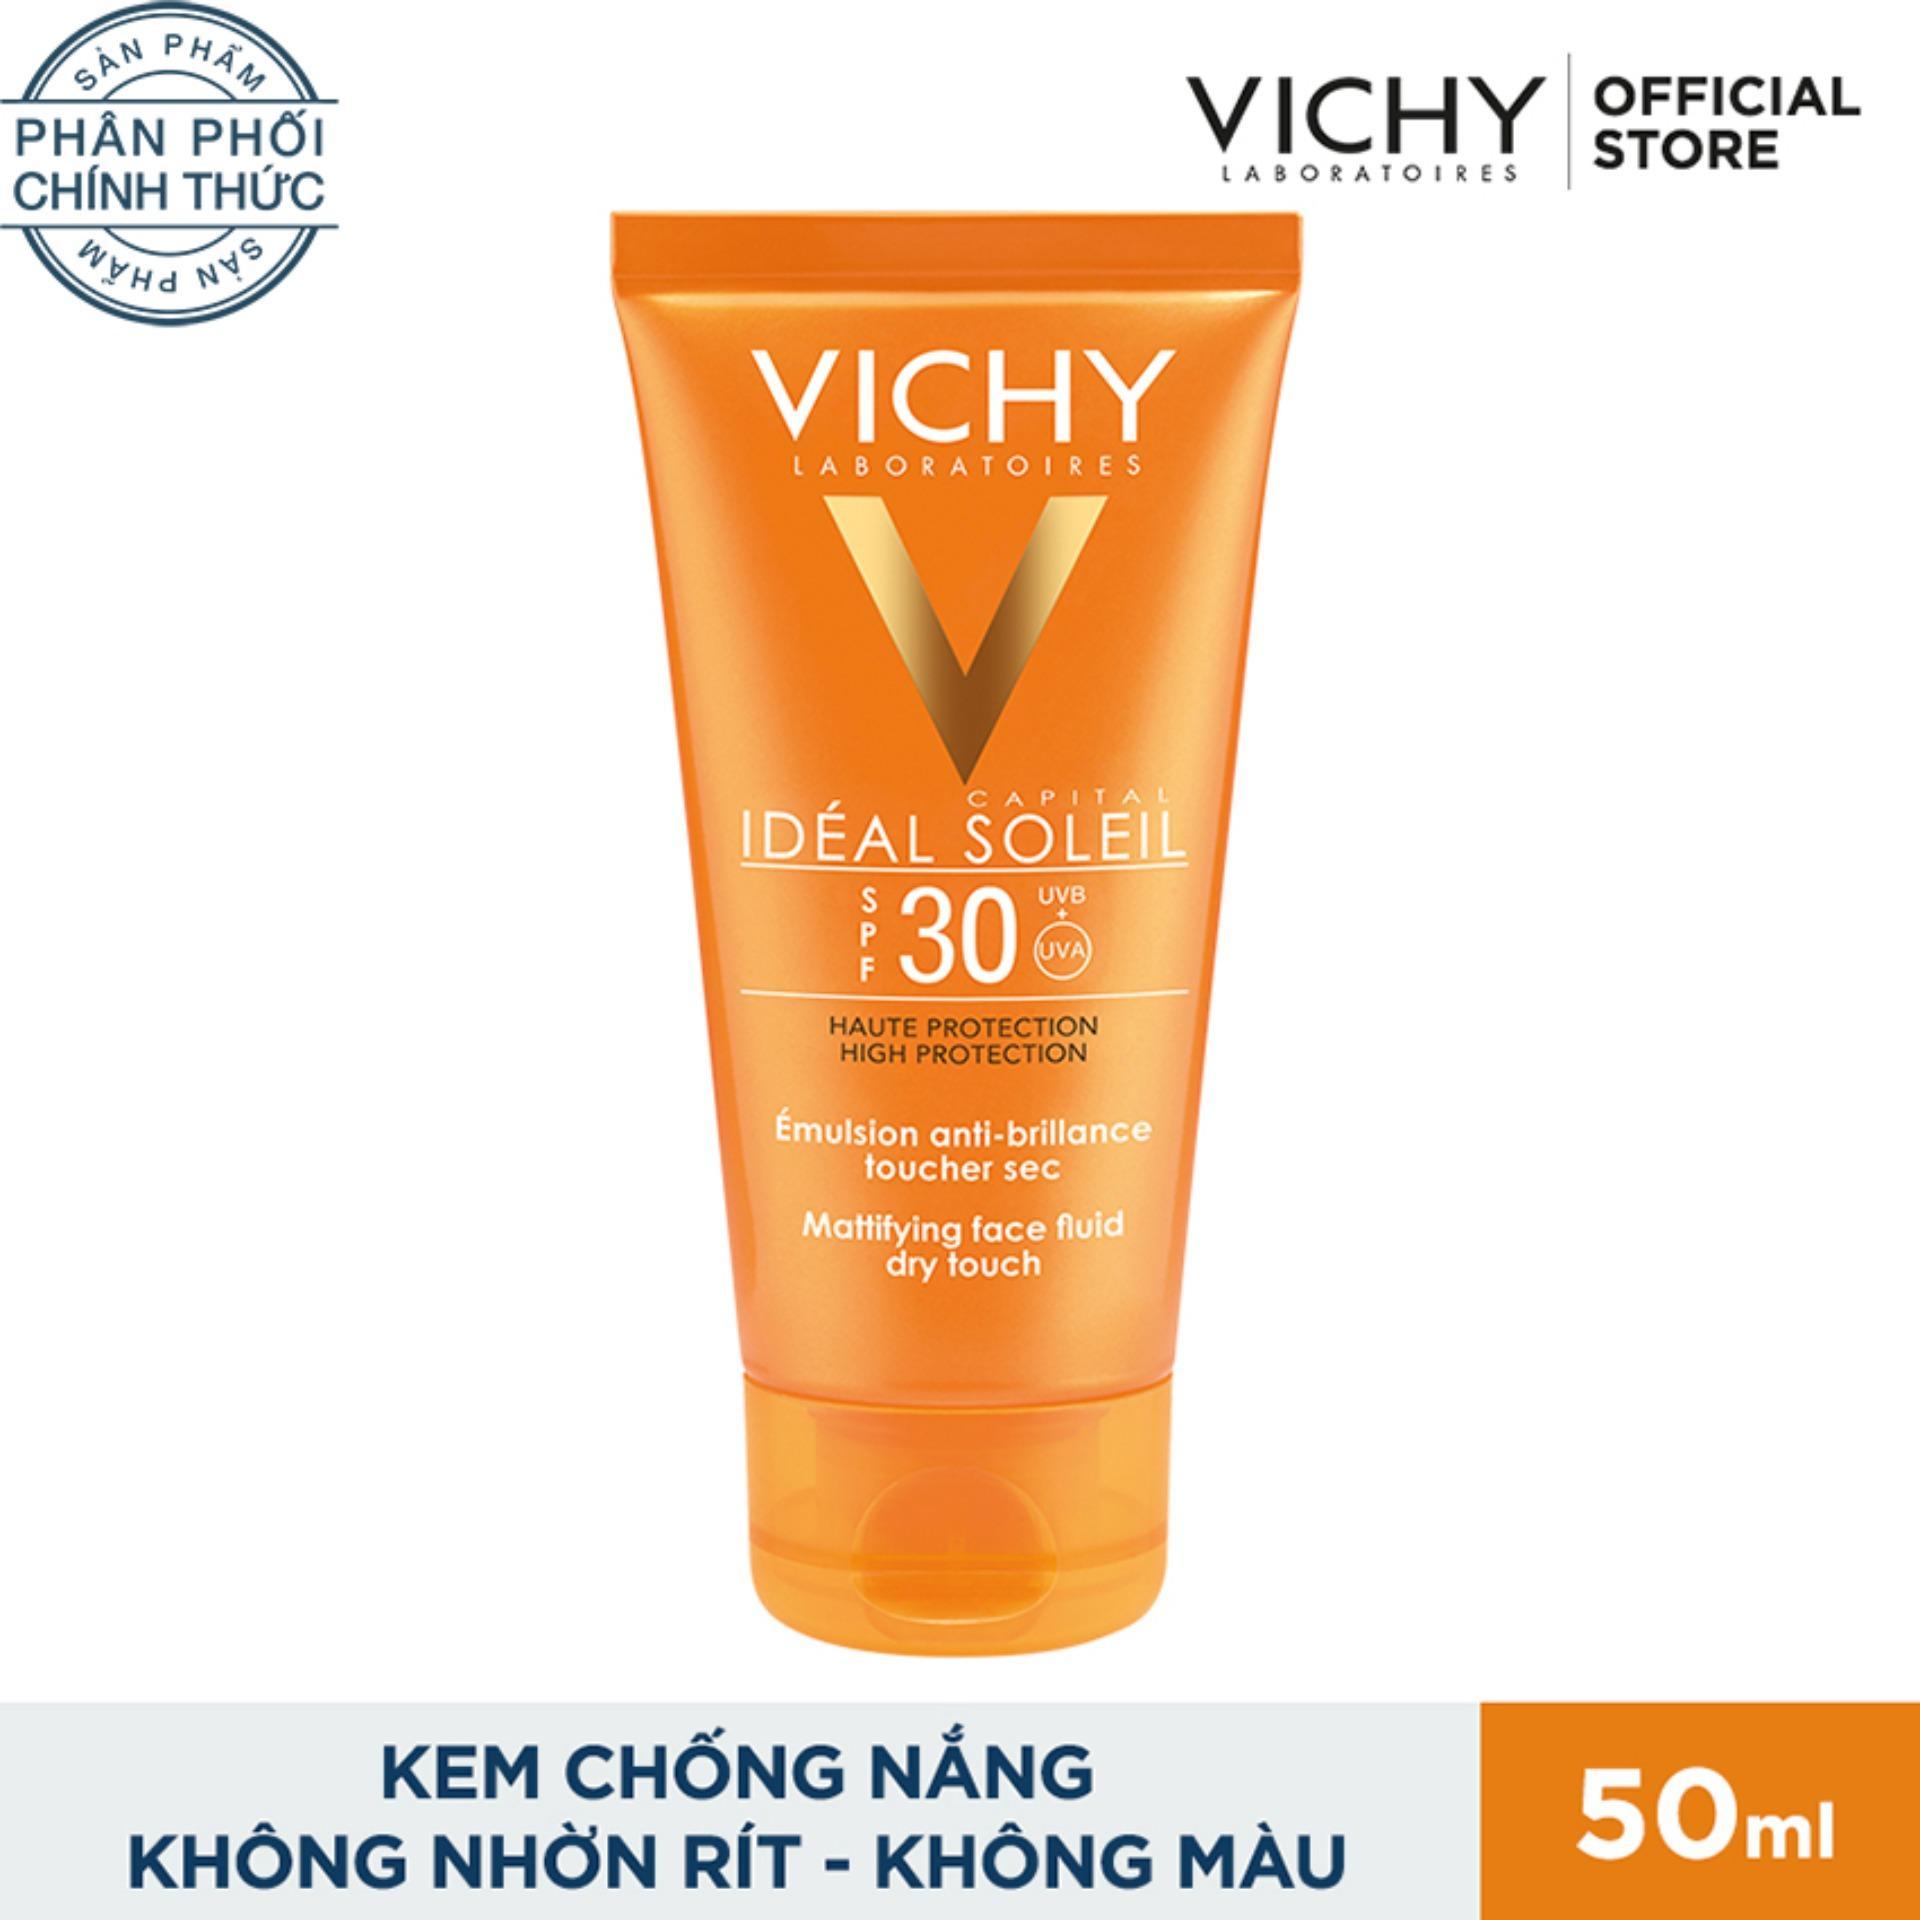 Giá Bán Kem Chống Nắng Khong G*y Nhờn Rit Vichy Ideal Soleil Dry Touch Spf 50 Chống Tia Uva Uvb 50Ml Có Thương Hiệu